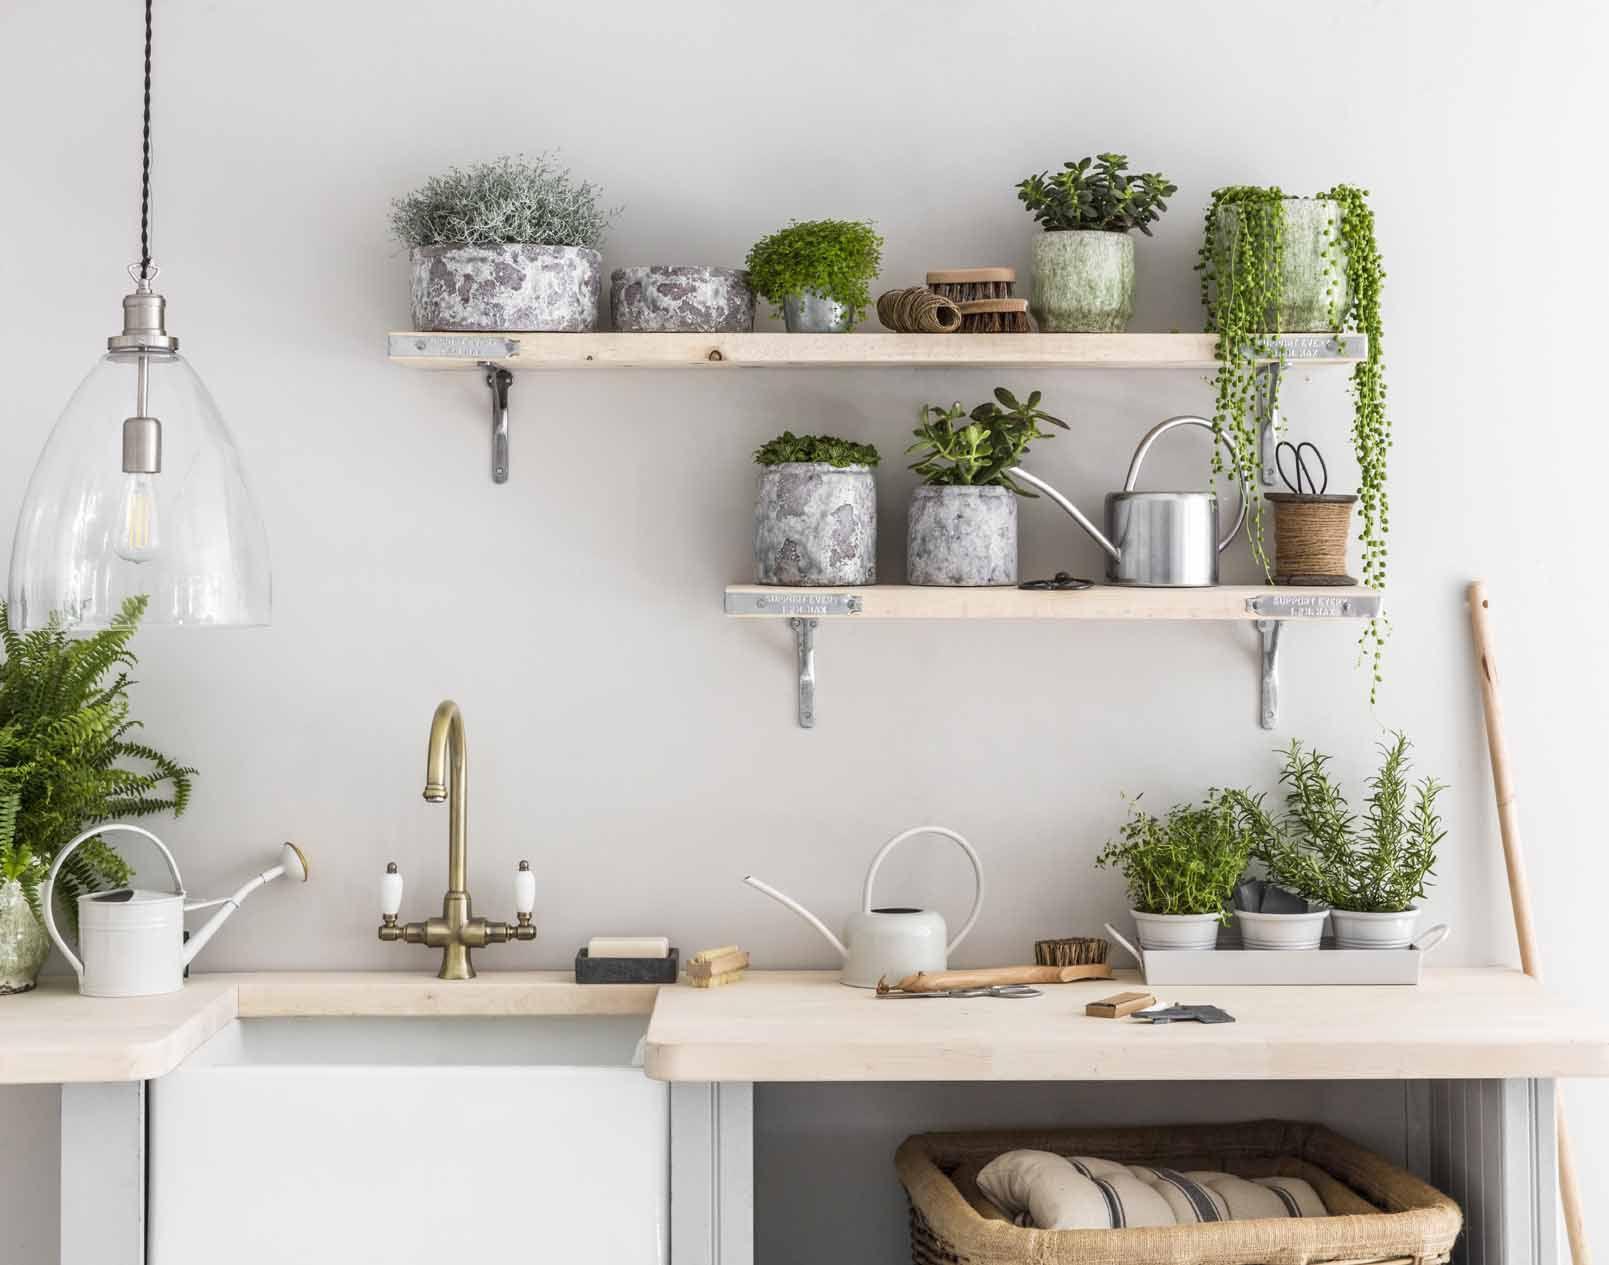 Mách bạn cách chọn cây xanh phù hợp trong phòng bếp gia đình